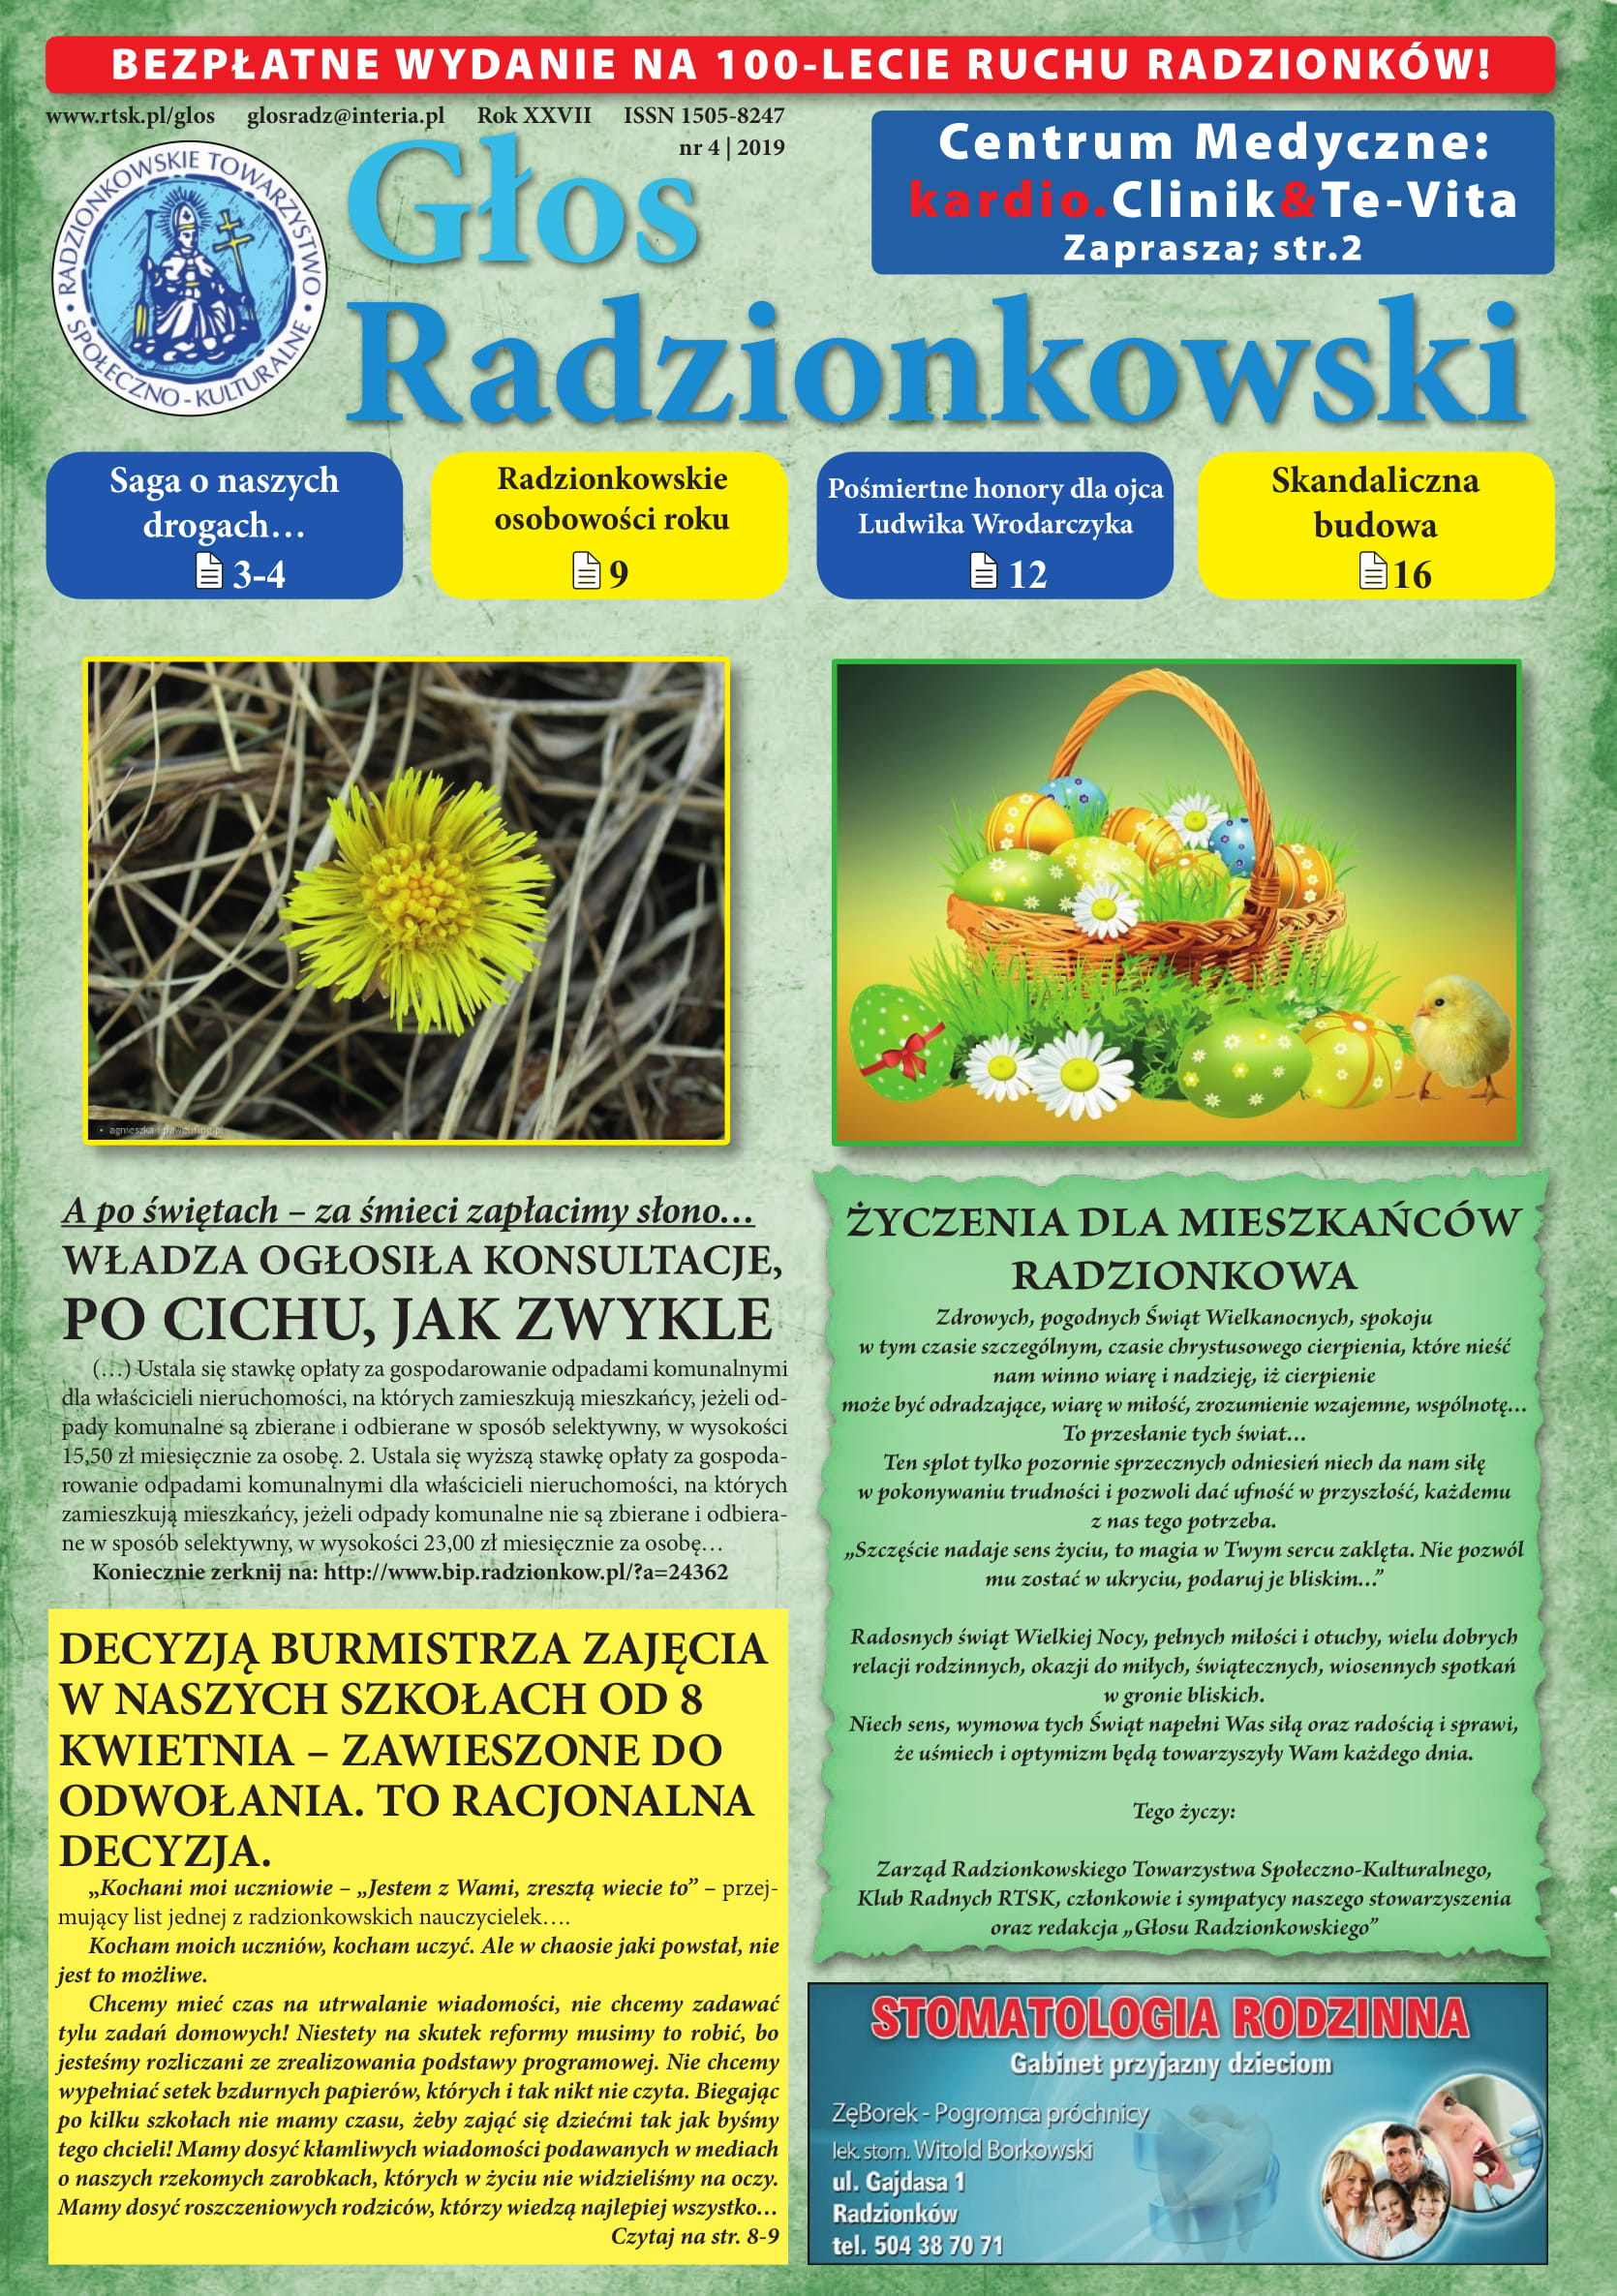 Głos Radzionkowski nr 01/2019